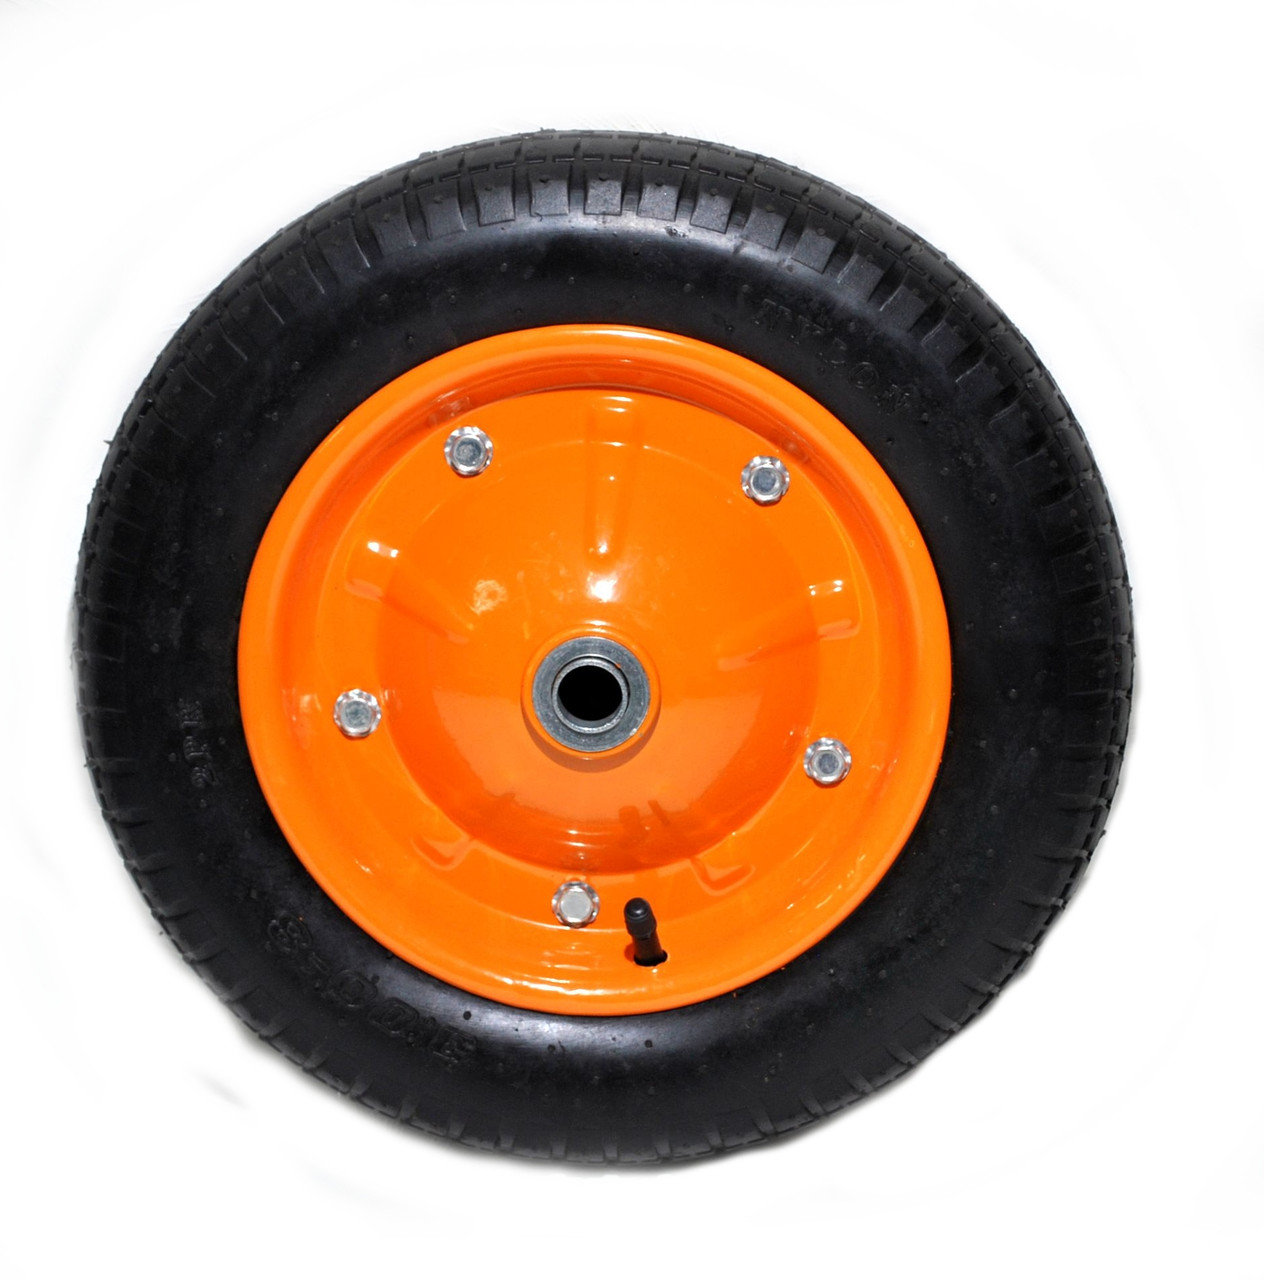 Техника для склада Колесо промышленное поворотное без тормоза SC 250, шт